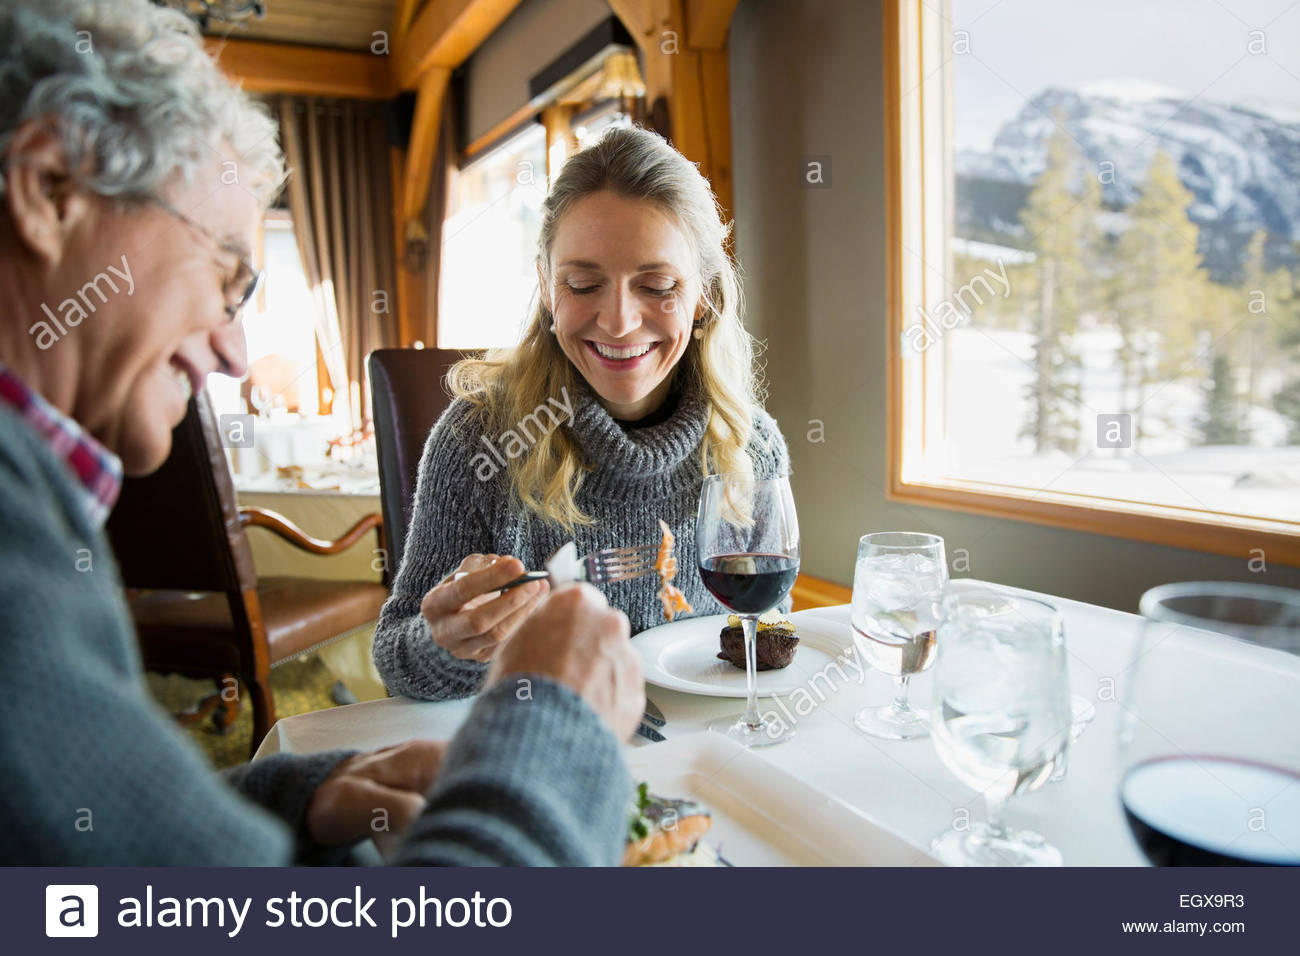 Paio di mangiare al ristorante La tabella Immagini Stock